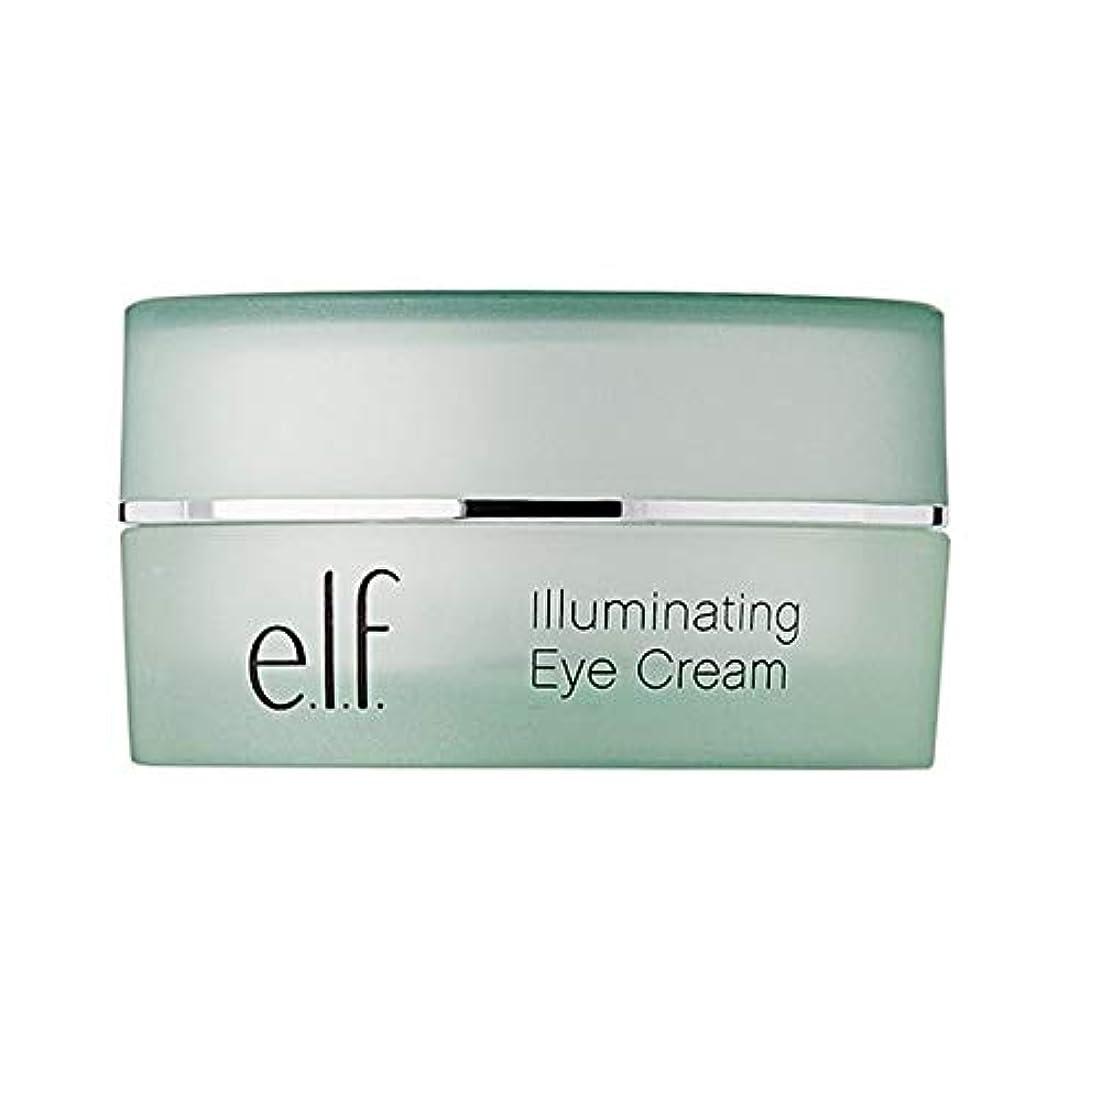 アラーム口頭体[Elf] エルフ。照明アイクリーム14グラム - e.l.f. Illuminating Eye Cream 14g [並行輸入品]